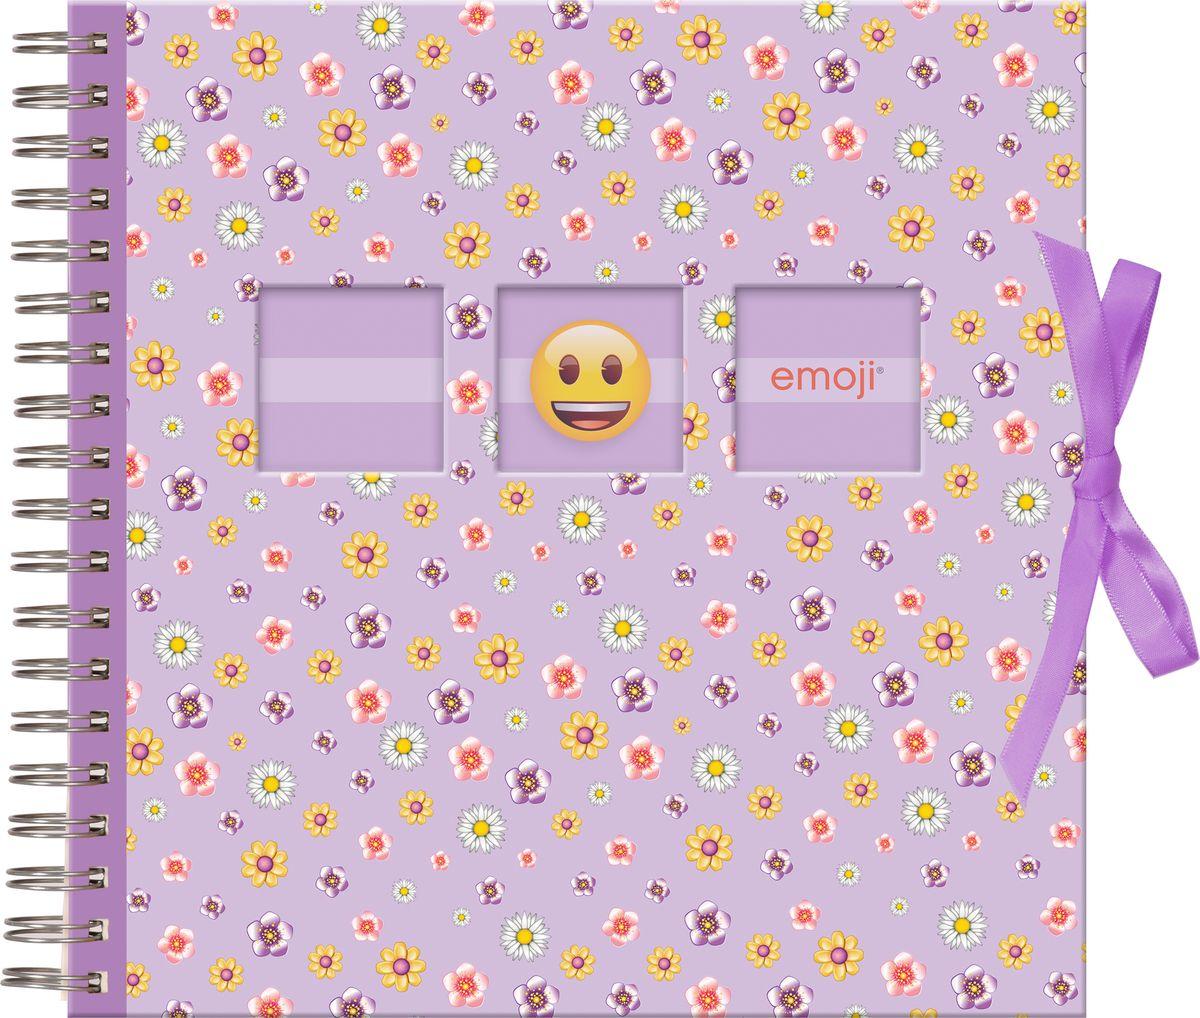 Фотоальбом Innova Emoji Spiral Bound Floral, цвет: фиолетовый, 25 х 25 смQ1607999Фотоальбом Innova имеет обложку из плотного картона. Альбом из 25 листов рассчитан на фотографии форматом 25 х 25 см. Страницы изготовлены из бумаги и пластика, они закреплены на спираль.. Дизайнфотоальбомапосвящен любимым смайликам Emoji.Фотоальбом являетсяуниверсальным подарком к любому празднику.Родным, близким и просто знакомым будетприятно помещать фотографии в этот альбом.